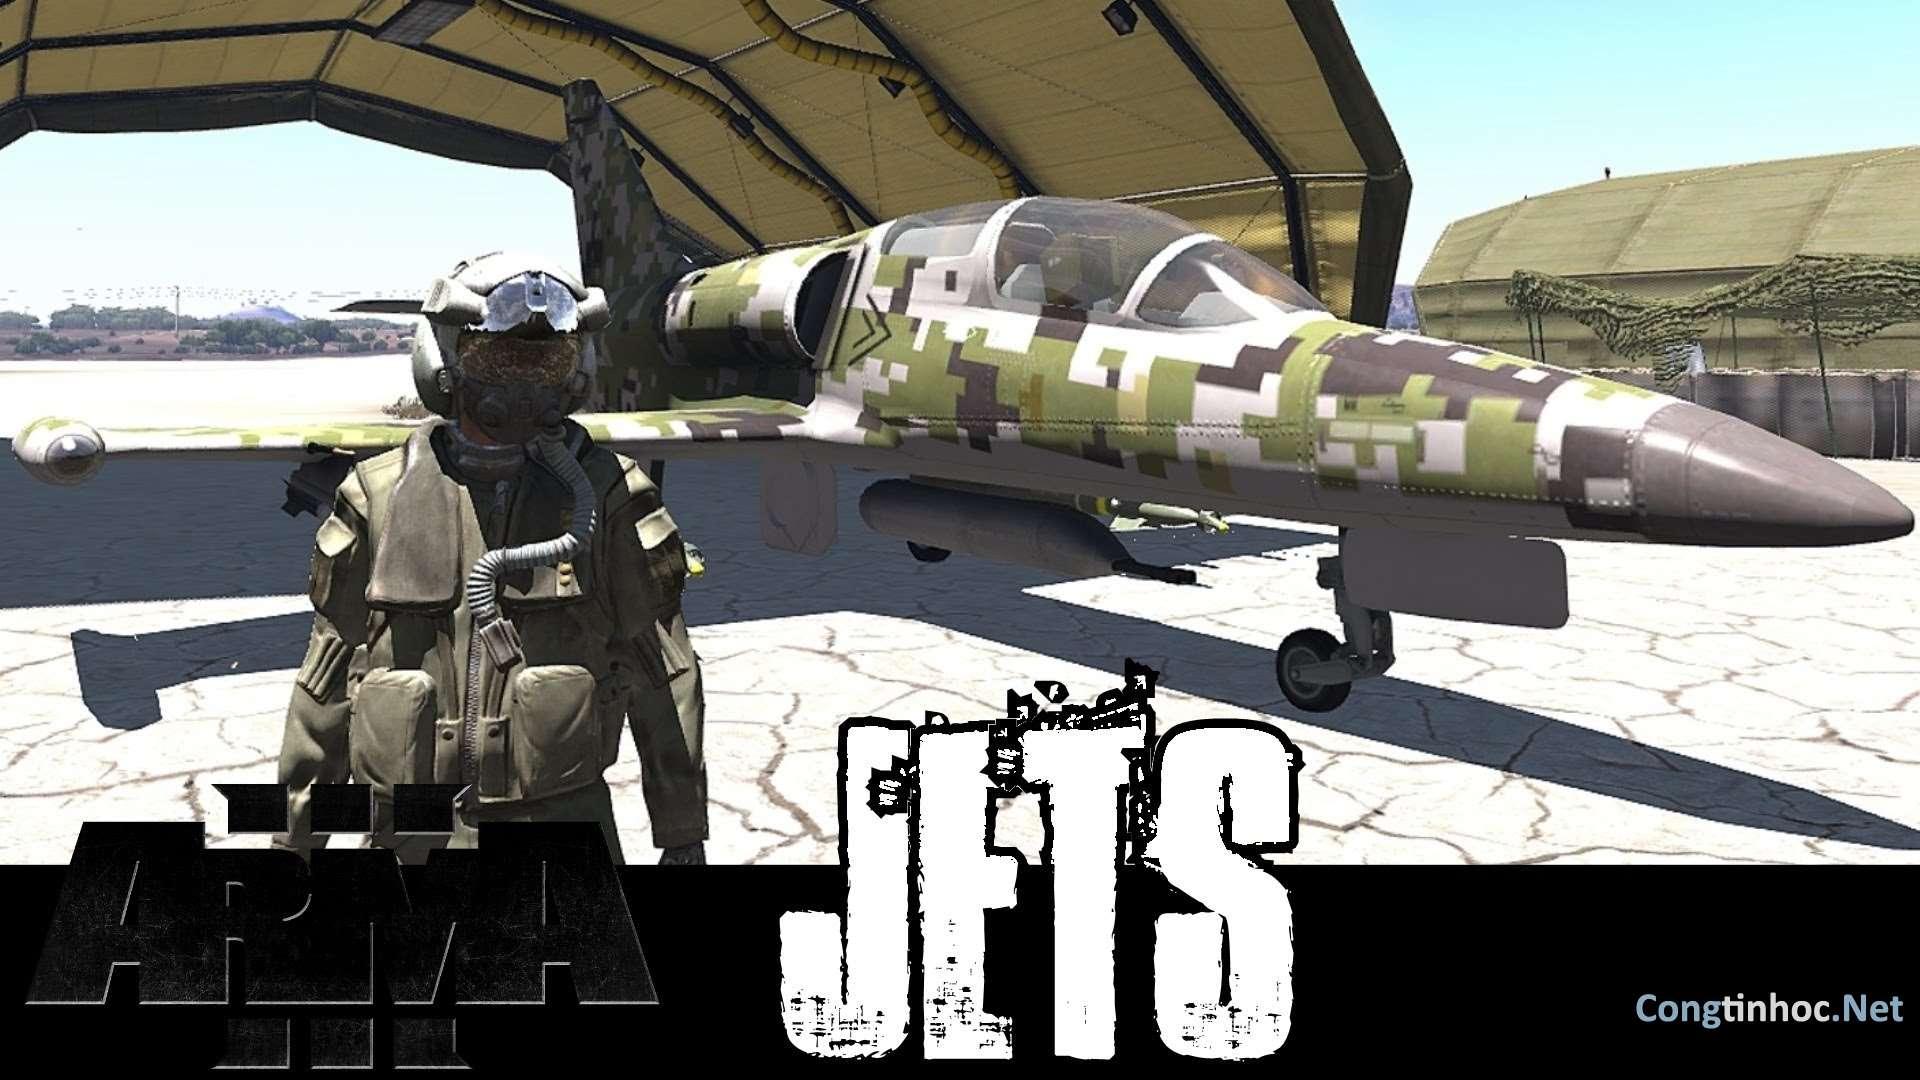 Download Game Arma 3 Jets - Game chiến tranh nhập vai trên PC